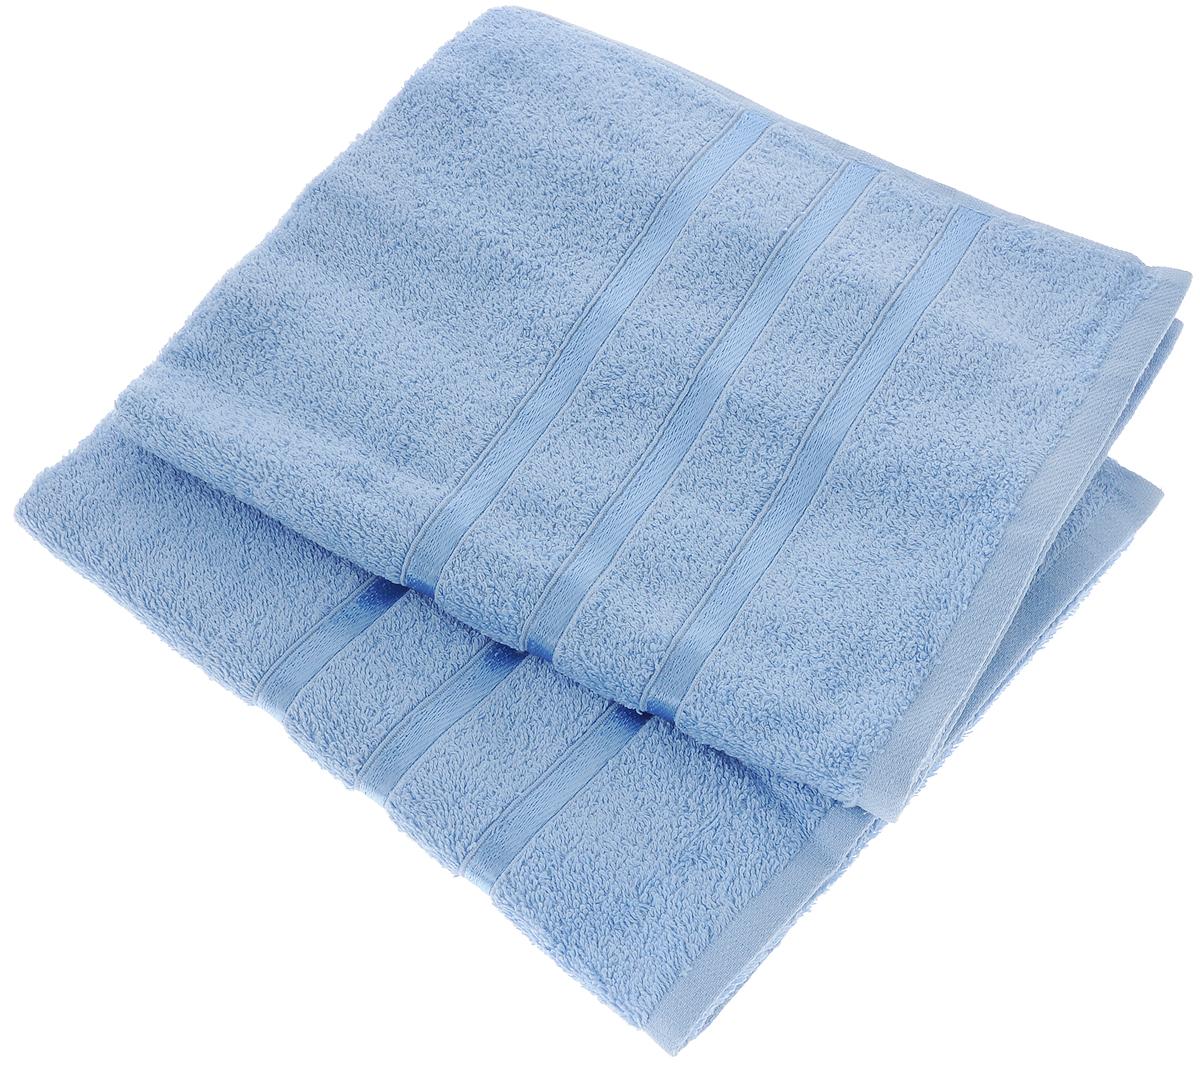 Набор полотенец Tete-a-Tete Ленты, цвет: голубой, 50 х 85 см, 2 шт391602Набор Tete-a-Tete Ленты состоит из двух махровых полотенец, выполненных из натурального 100% хлопка. Бордюр полотенец декорирован лентами. Изделия мягкие, отлично впитывают влагу, быстро сохнут, сохраняют яркость цвета и не теряют форму даже после многократных стирок. Полотенца Tete-a-Tete Ленты очень практичны и неприхотливы в уходе. Они легко впишутся в любой интерьер благодаря своей нежной цветовой гамме. Набор упакован в красивую коробку и может послужить отличной идеей для подарка.Размер полотенец: 50 х 85 см.